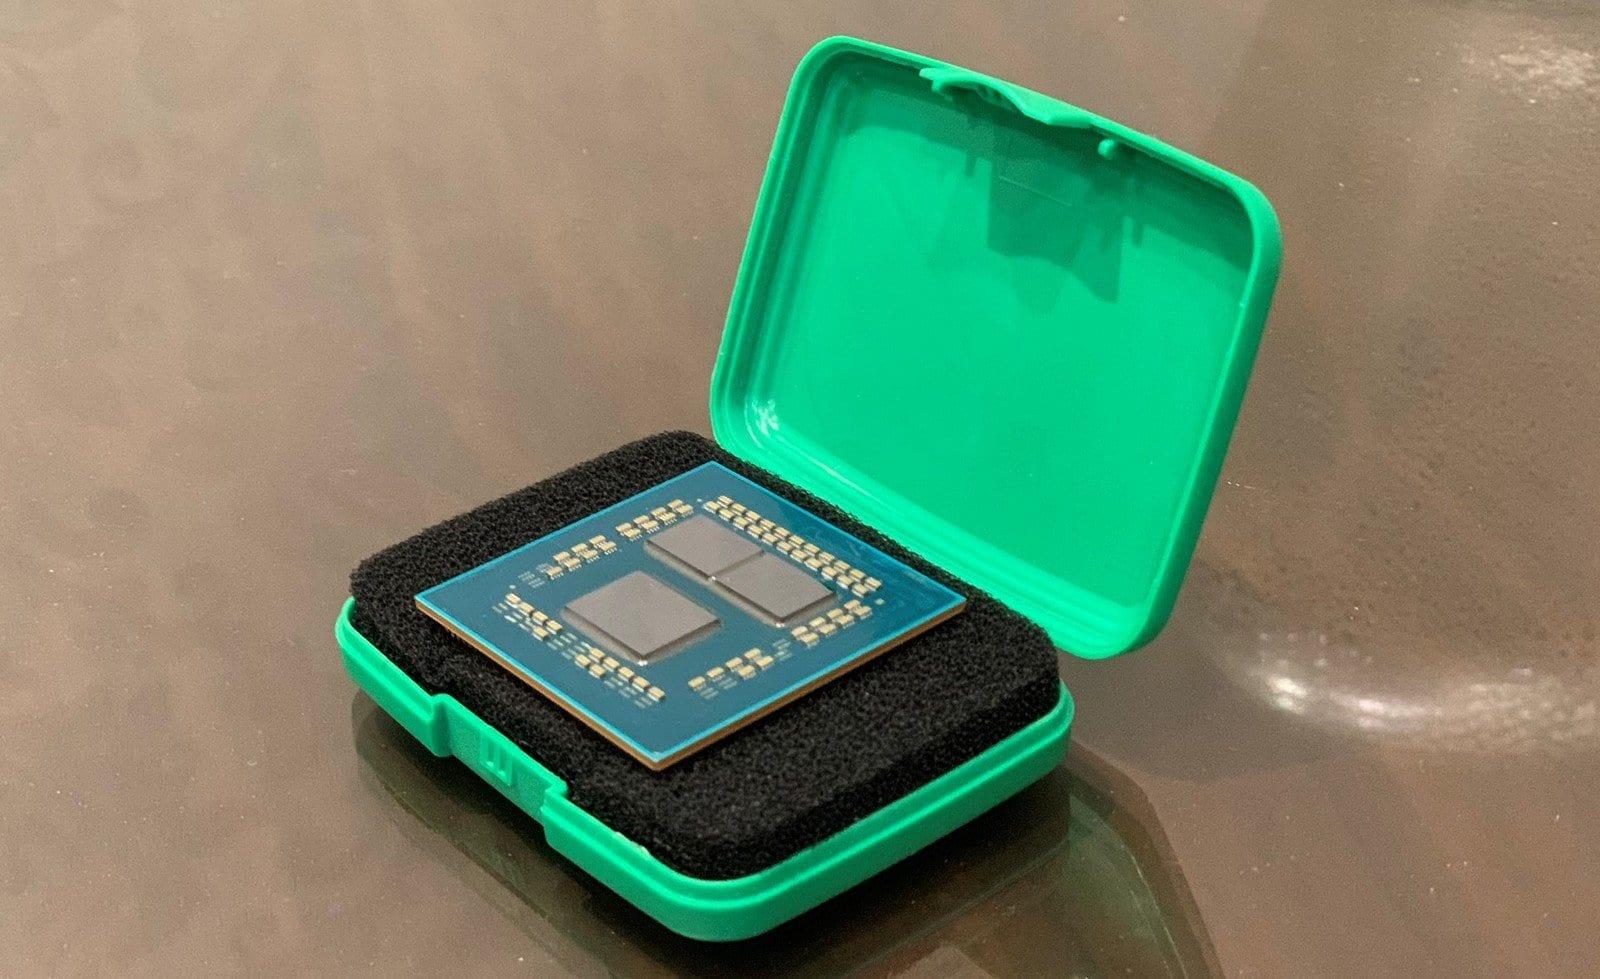 AMD Ryzen 3000 — первые в мире семинанометровые CPU для настольных систем. Флагман линейки Ryzen 9 3900X (12 ядер и 24 потока) оценили в $499